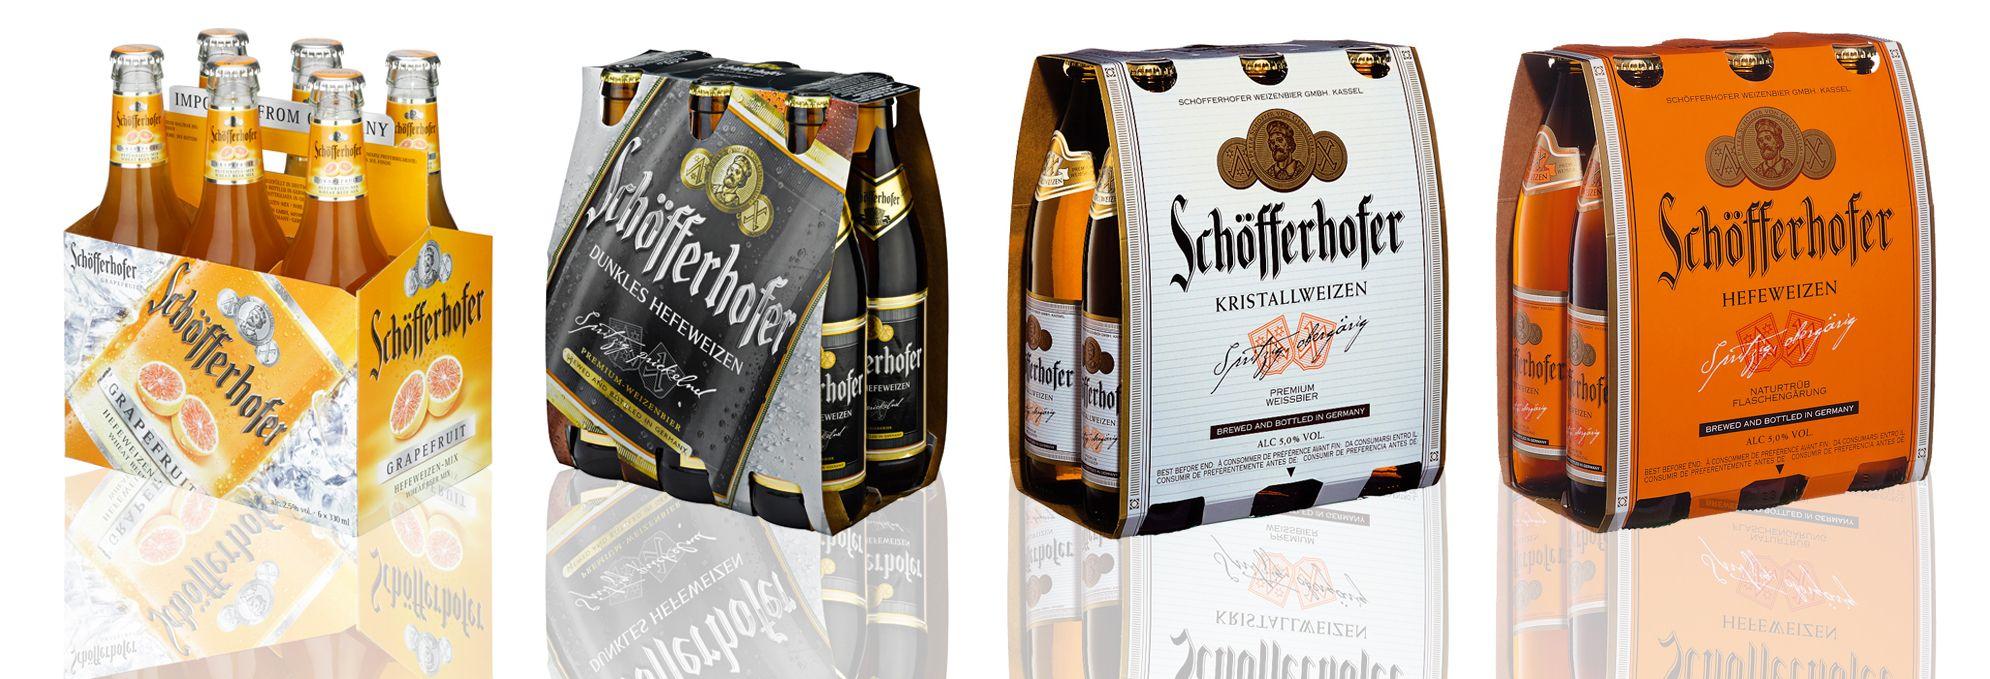 CONCURSO: Mes de la Cerveza con la linea PREMIUM de SCHÖFFERHOFER